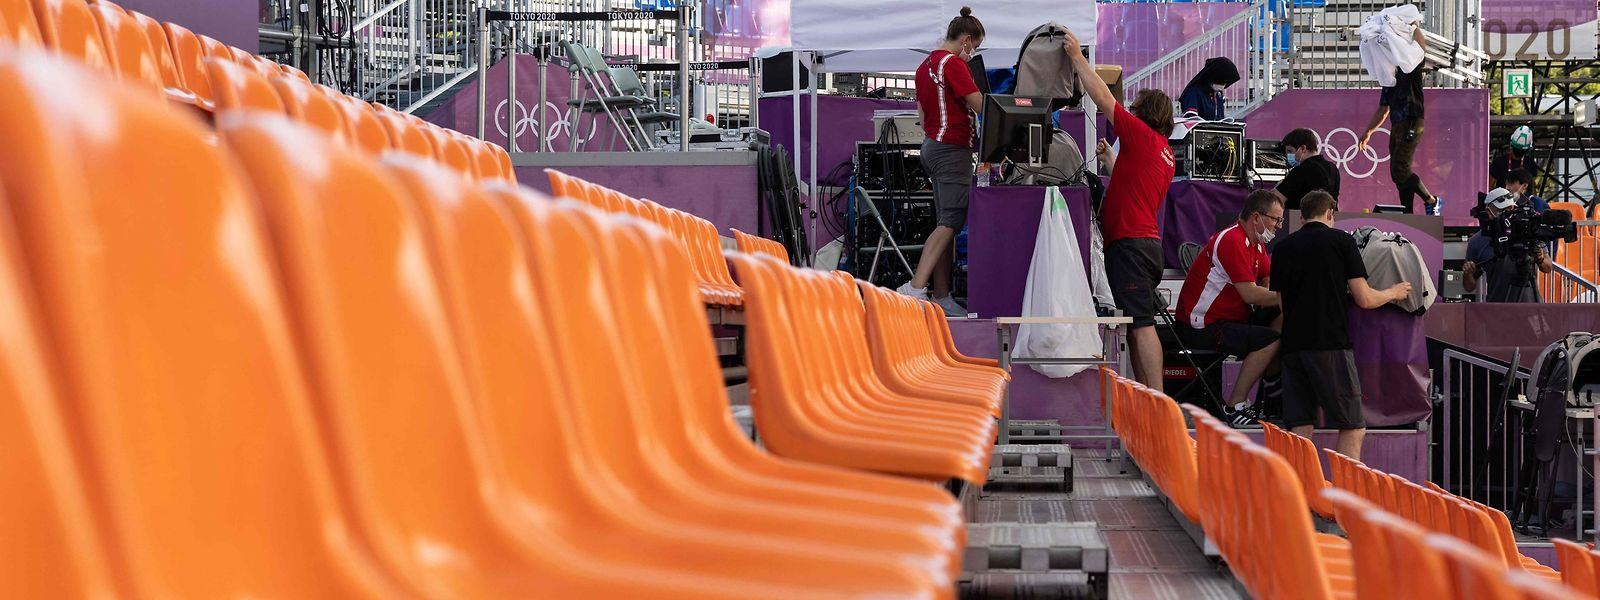 Jogos Olímpicos deste ano, em Tóquio, não terão público nas bancadas devido à pandemia.